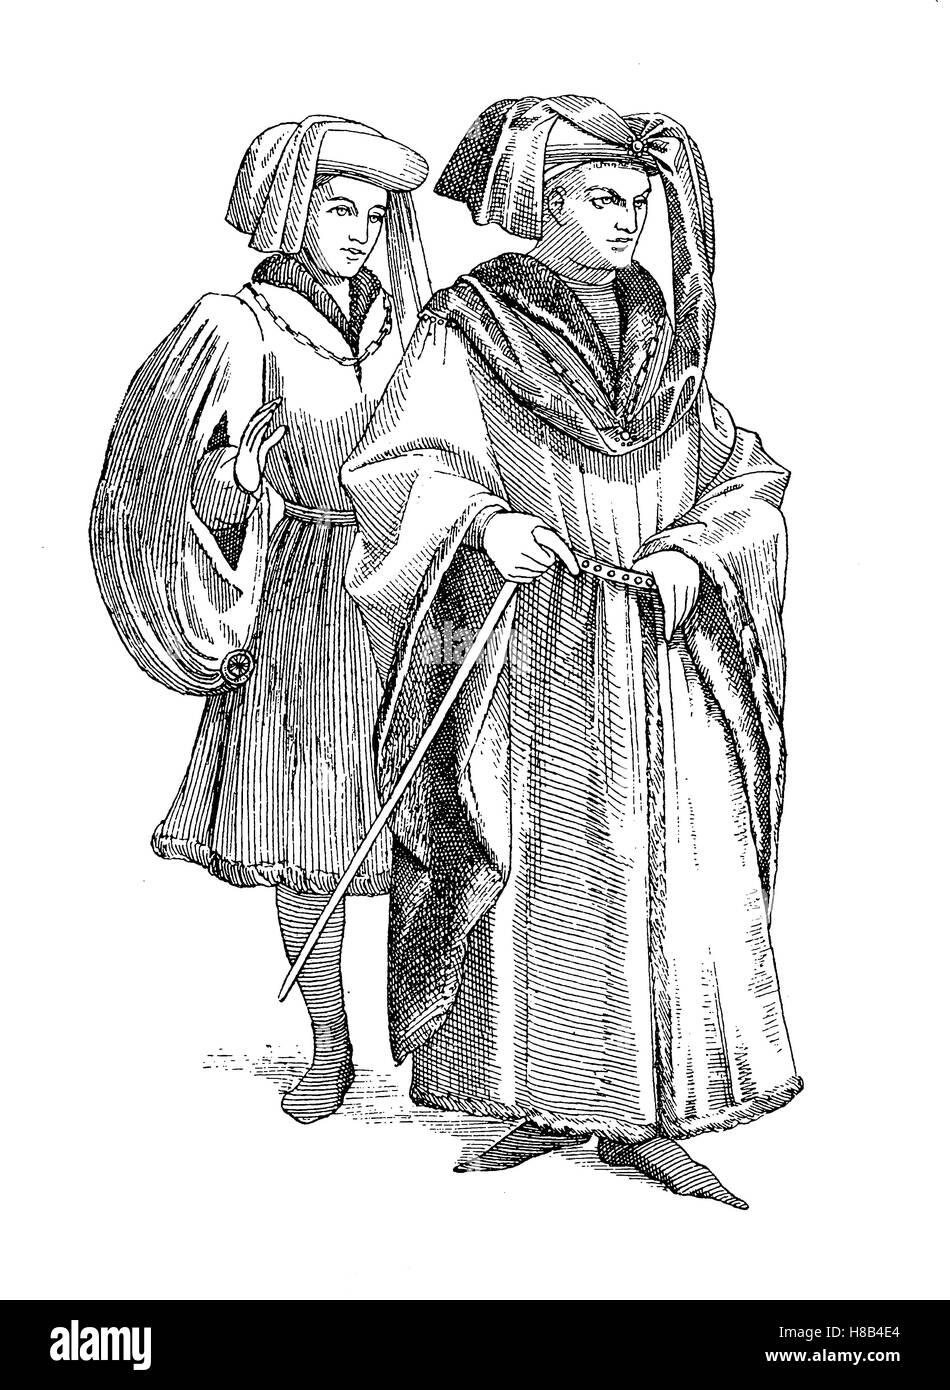 Cittadini francesi intorno al 1430, cappelli con un Sendelbinde, Francia, Storia della moda, costume storia Immagini Stock